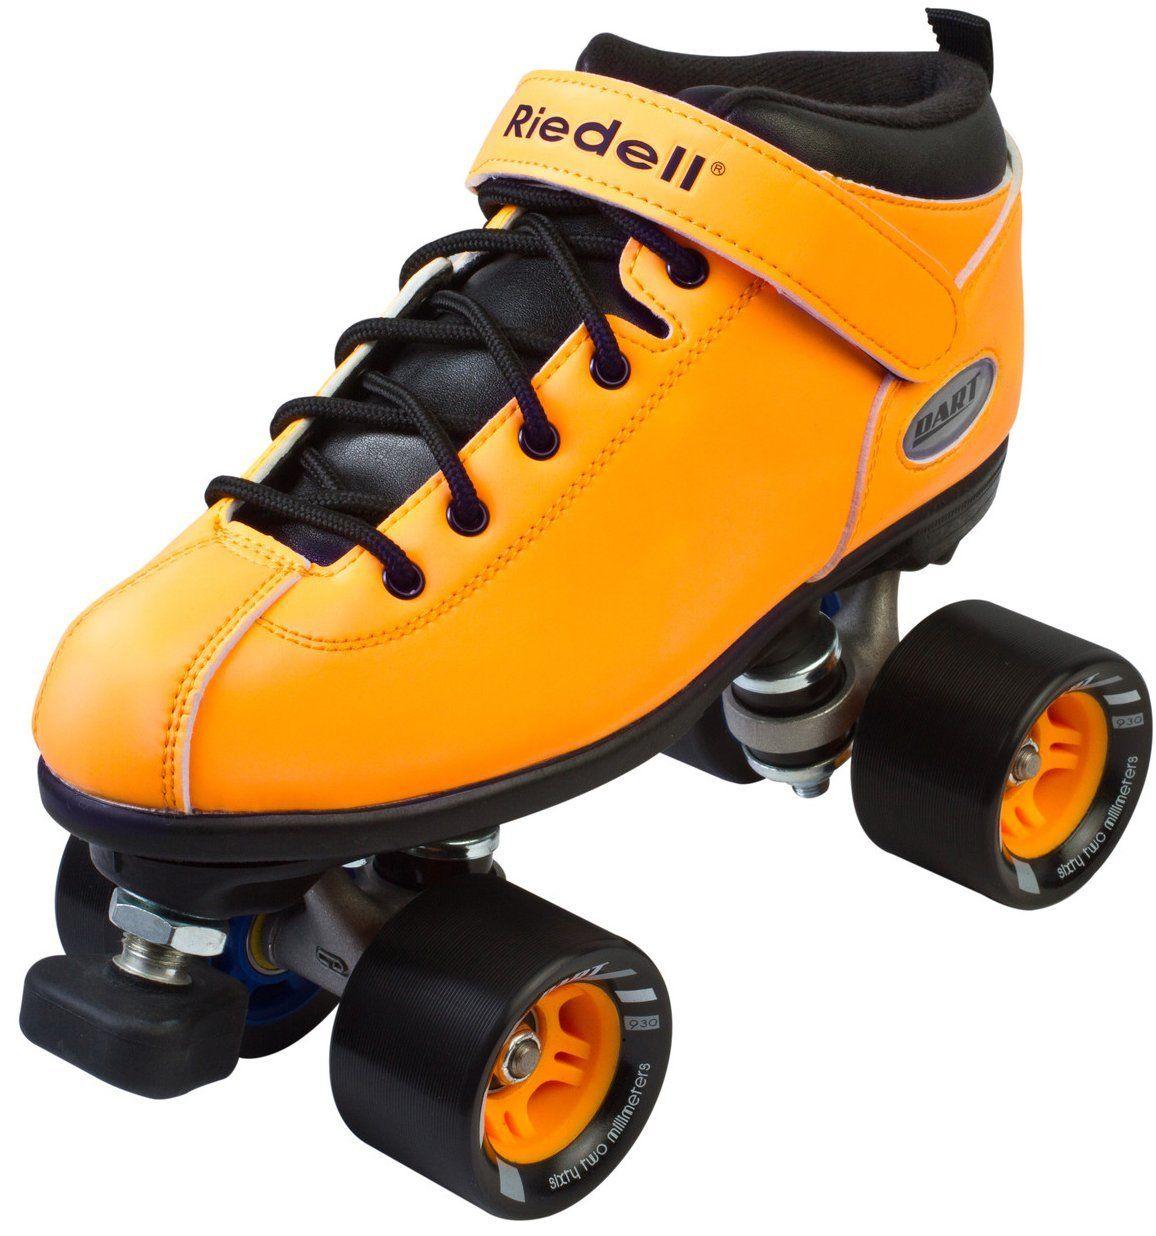 Best Roller Skates For Beginners 2020 Rollerskatesreviews Com Best Roller Skates Outdoor Roller Skates Speed Roller Skates